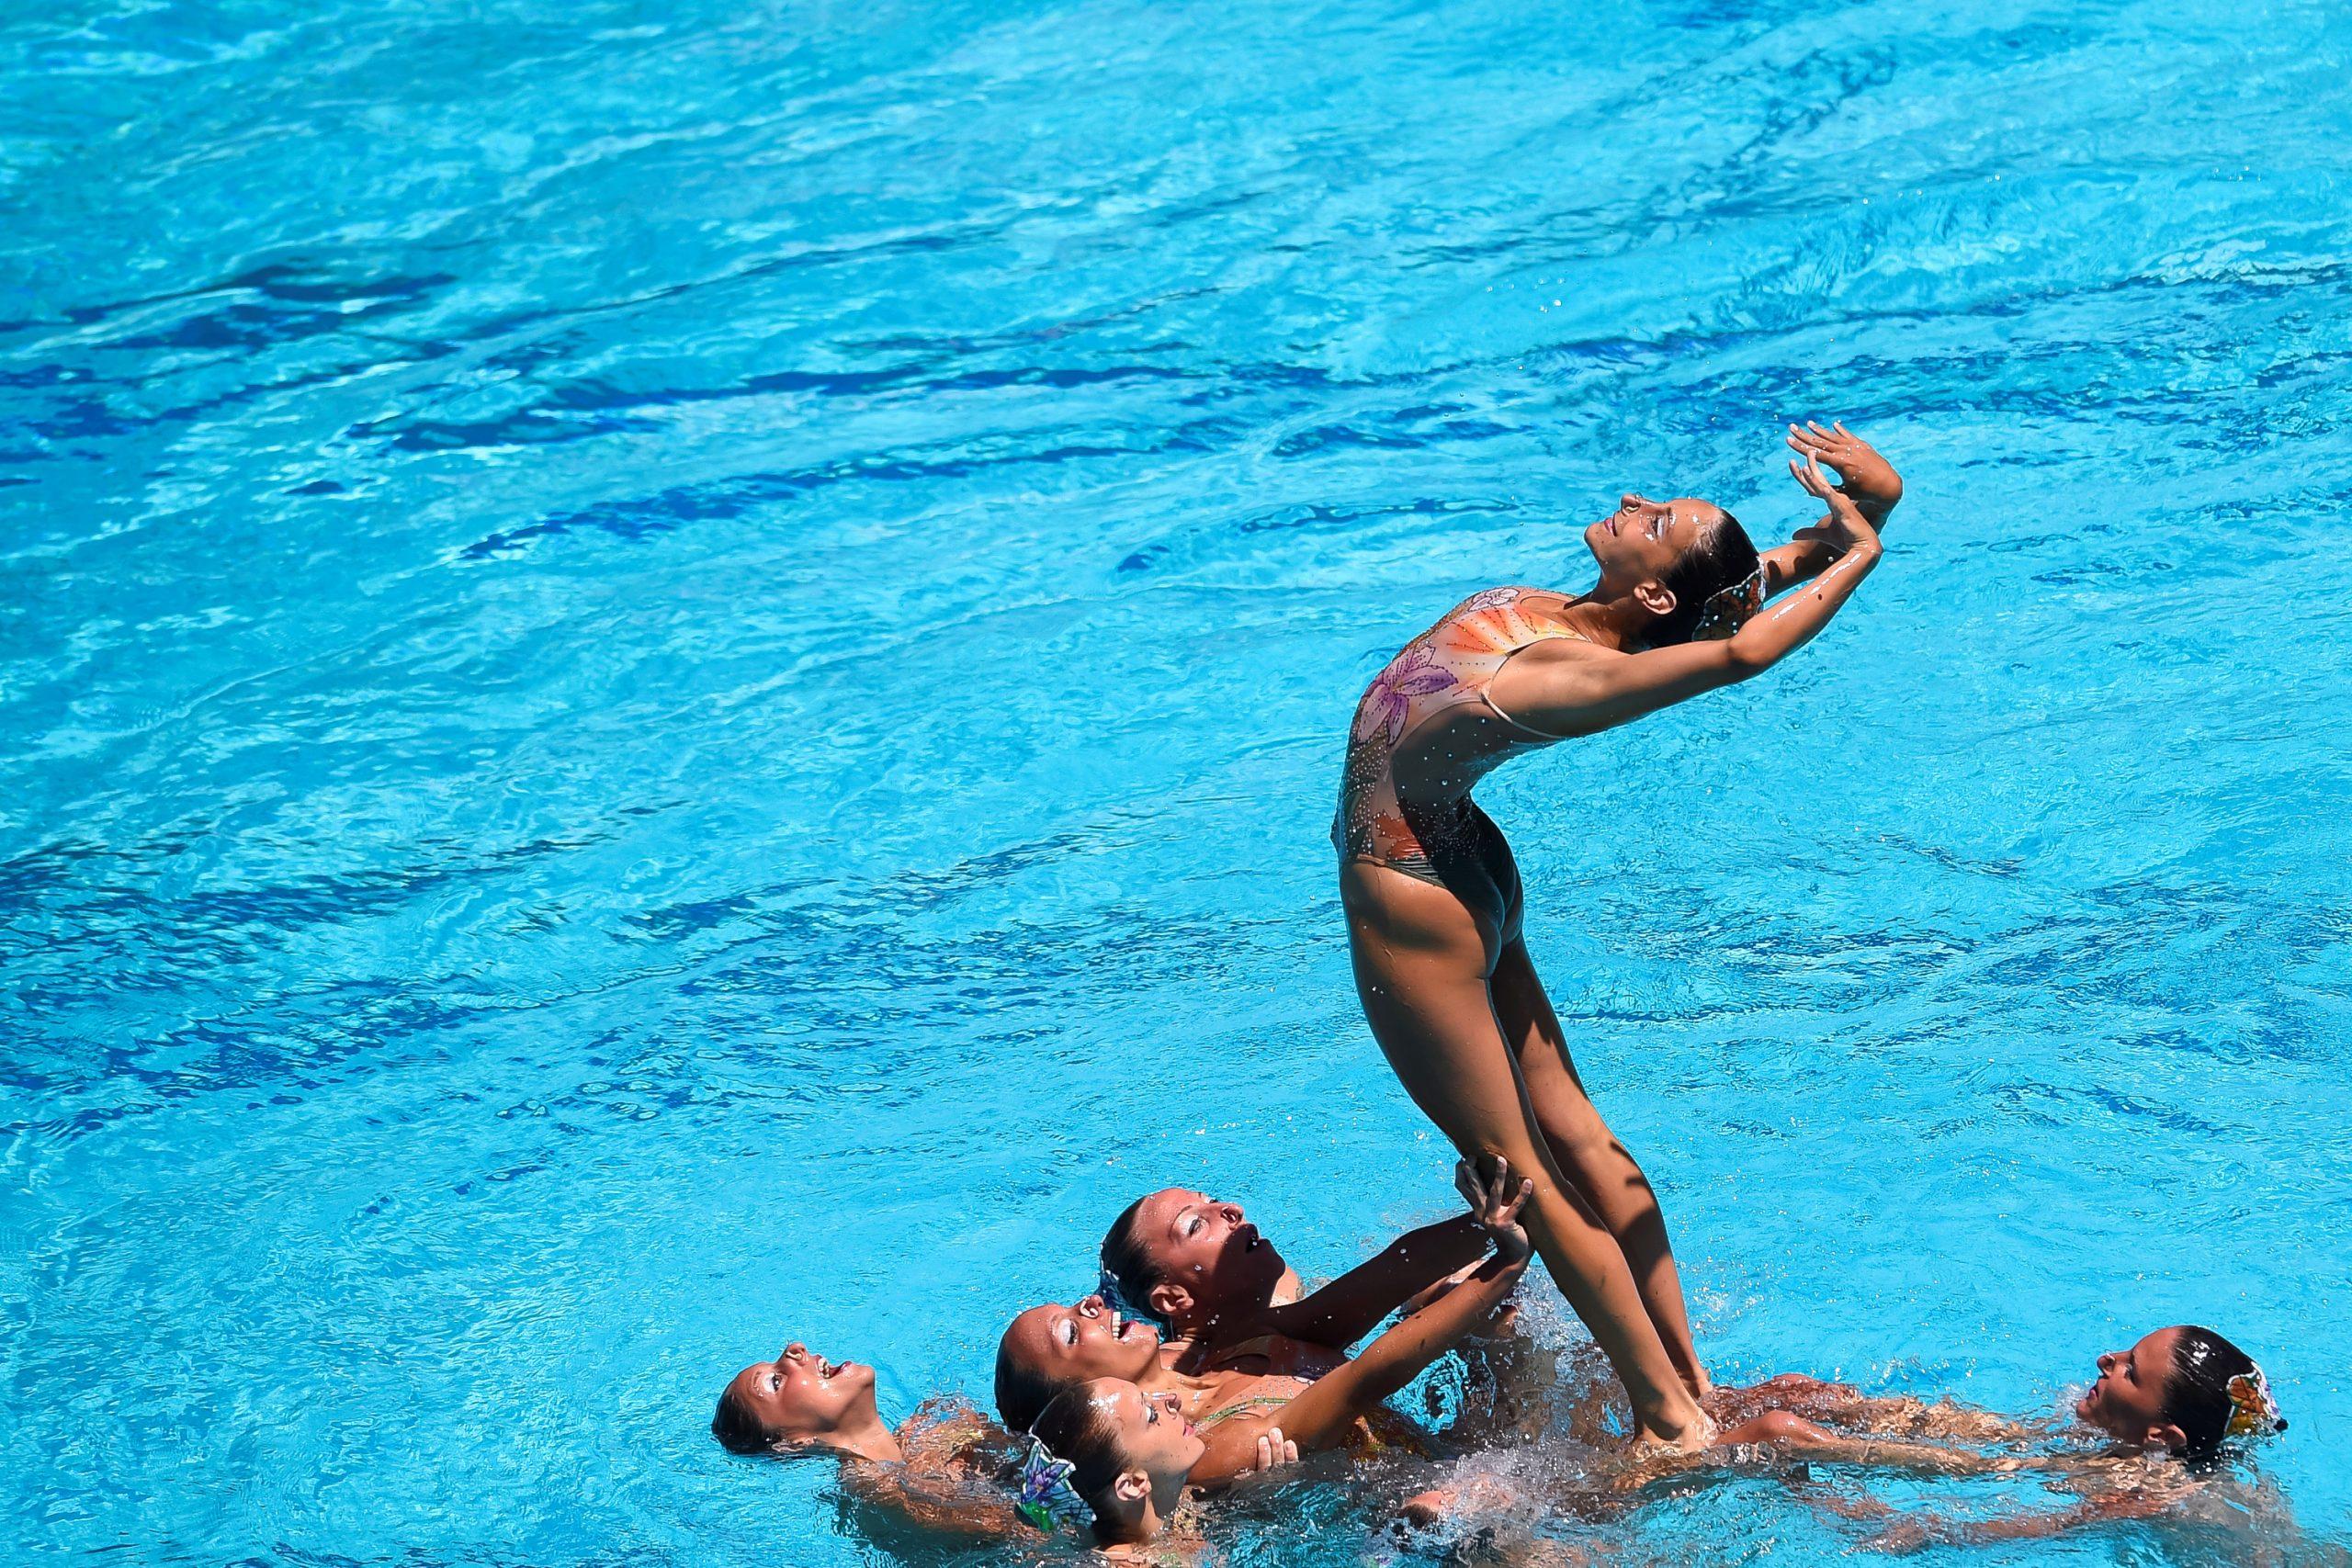 Nageuse en train d'être soulevée au dessus de l'eau par ses coéquipières.